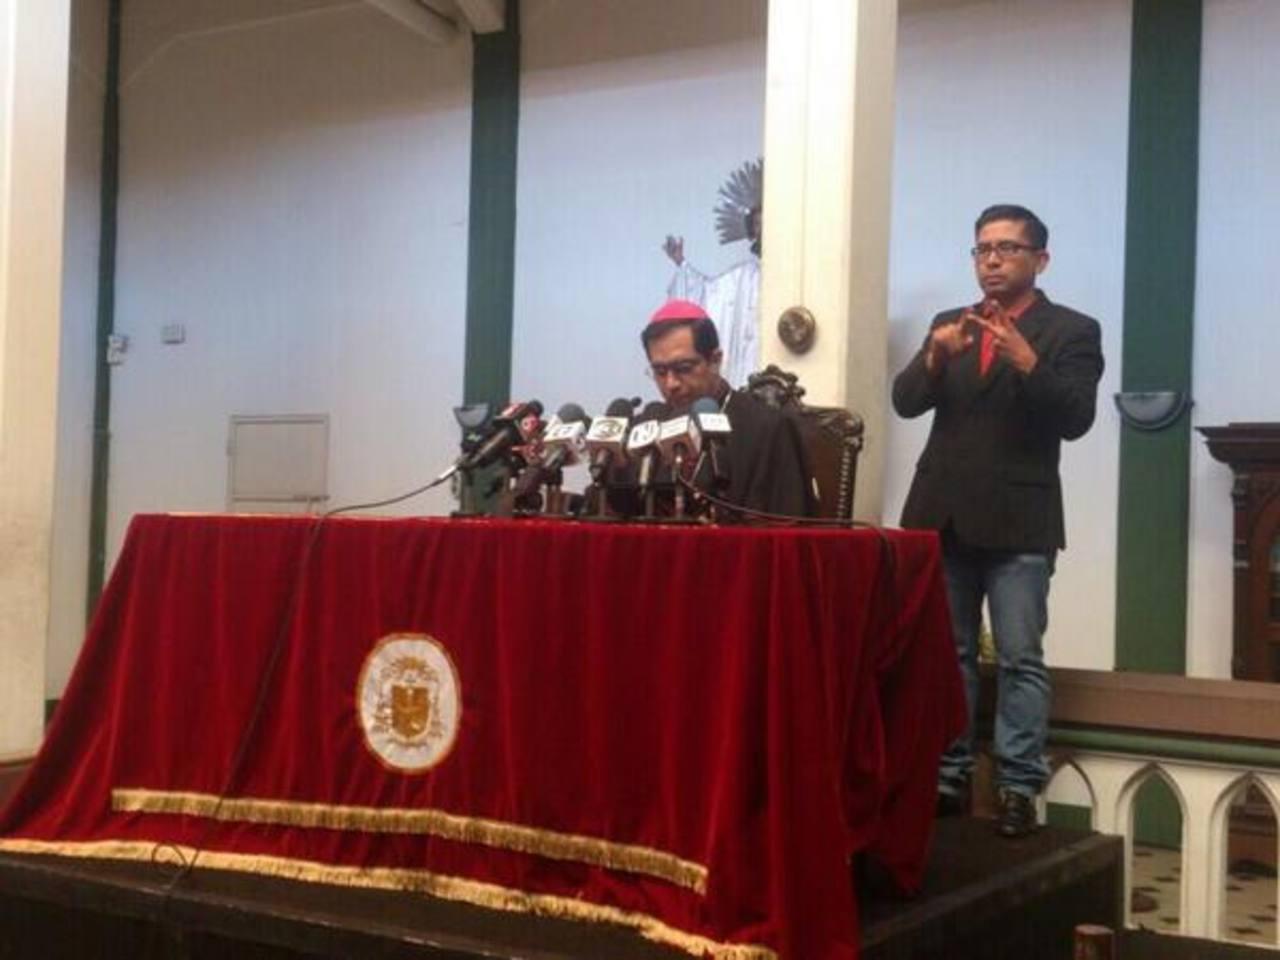 Huelga de hambre de policía es una acción válida, dice Arzobispo de San Salvador